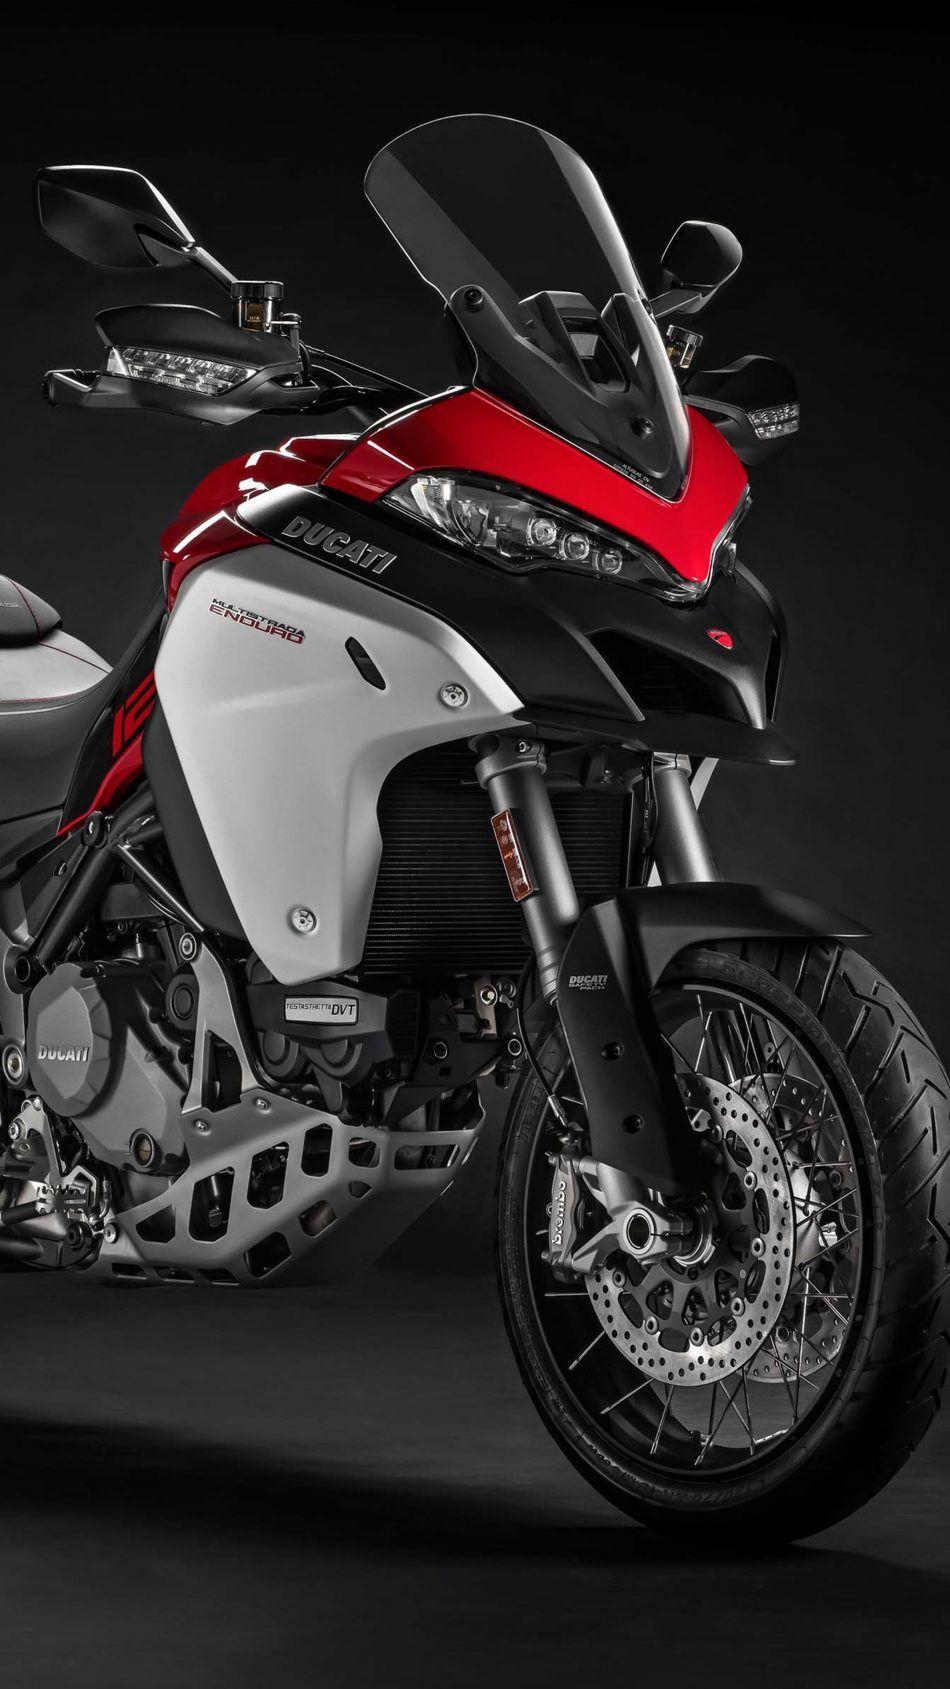 Ducati Multistrada Enduro 2019 4k Ultra Hd Mobile Wallpaper Motos Esportivas Motos Auto